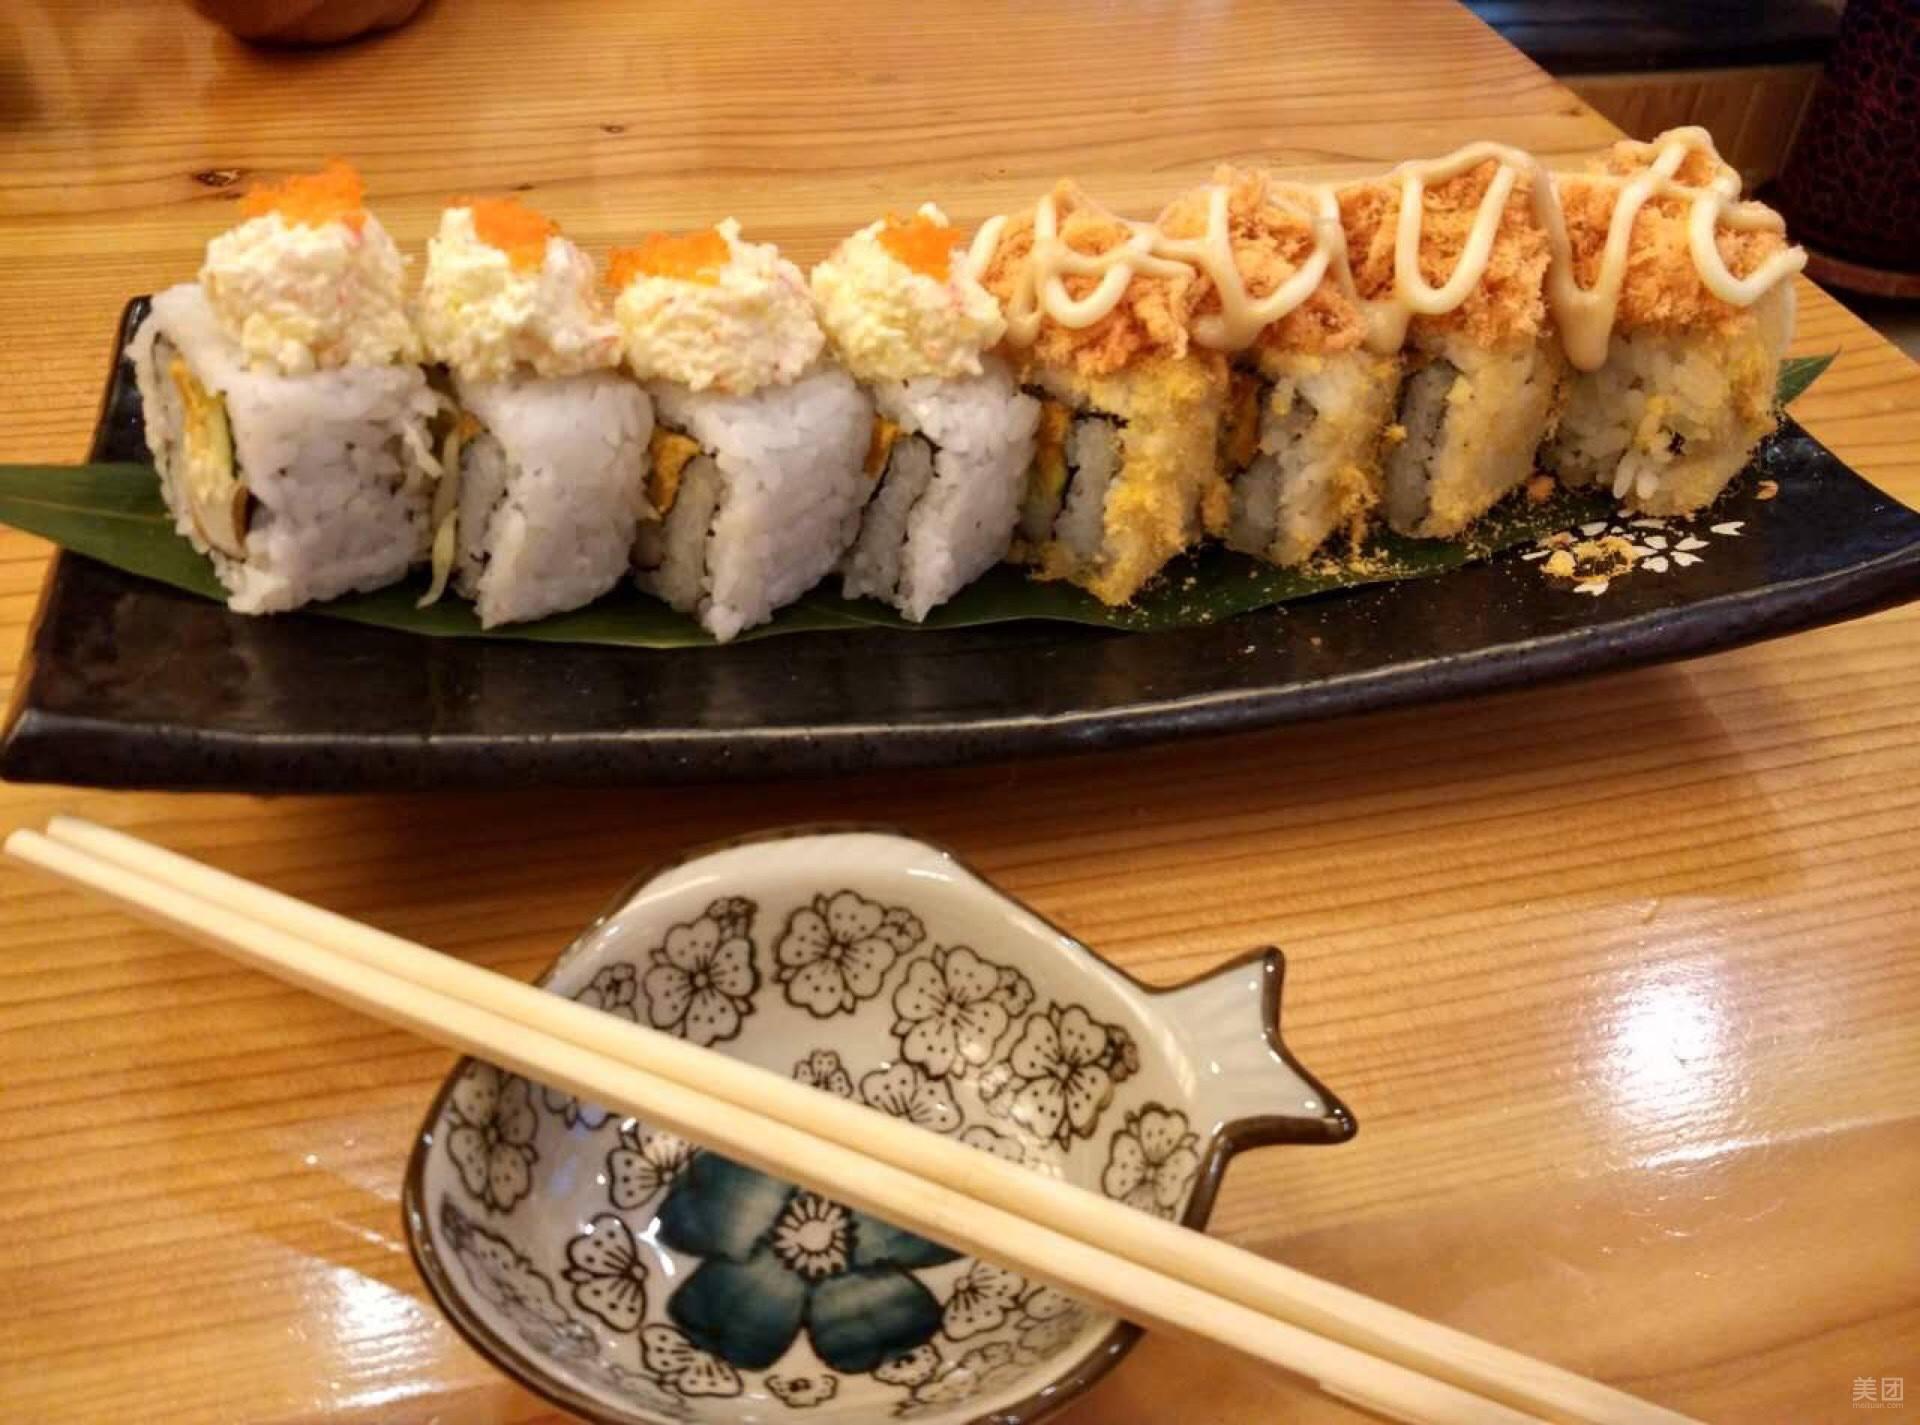 鲜珅寿司口味得到消费者极大认同